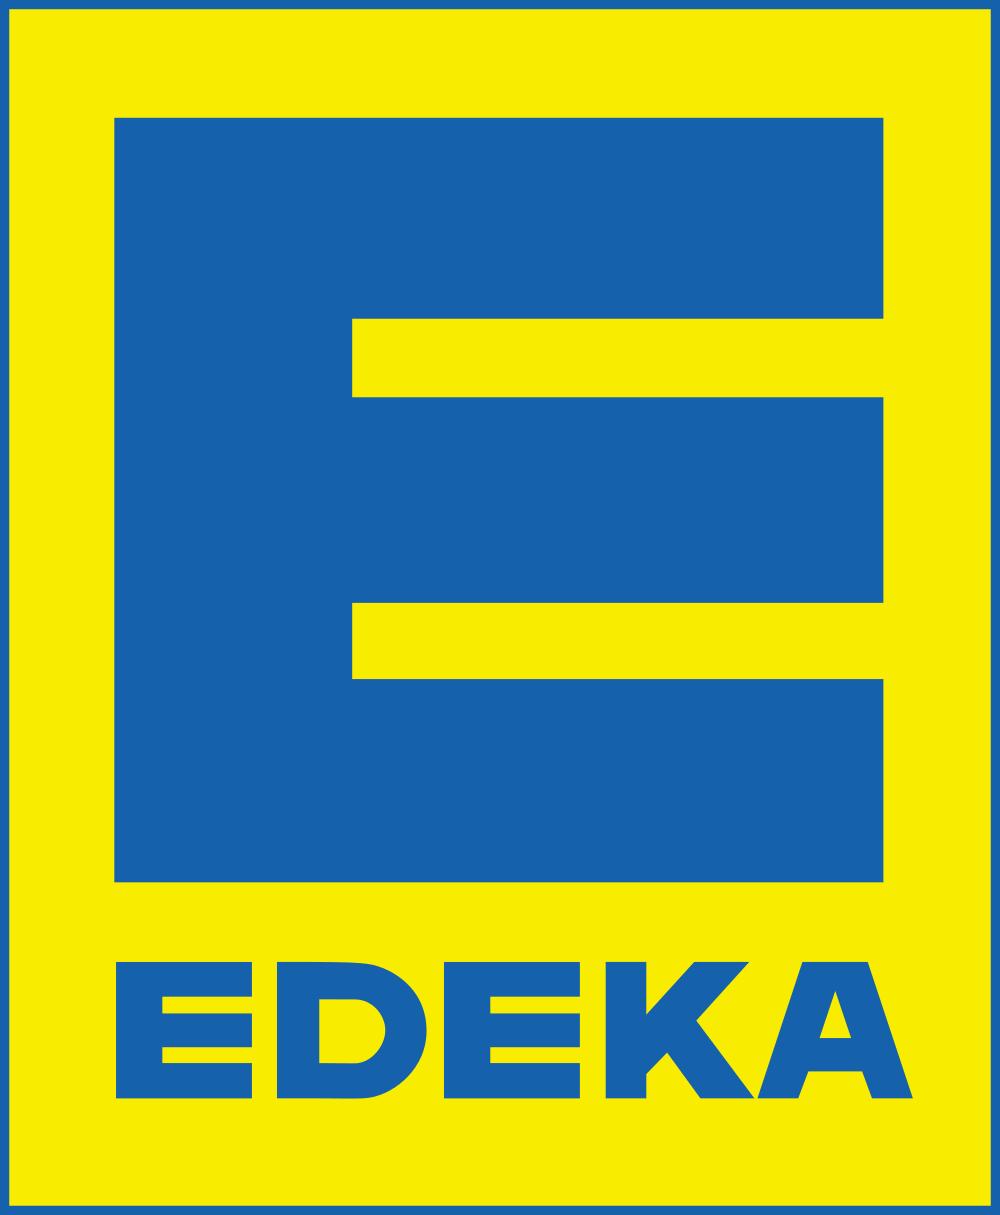 Edeka Logo PNG Image